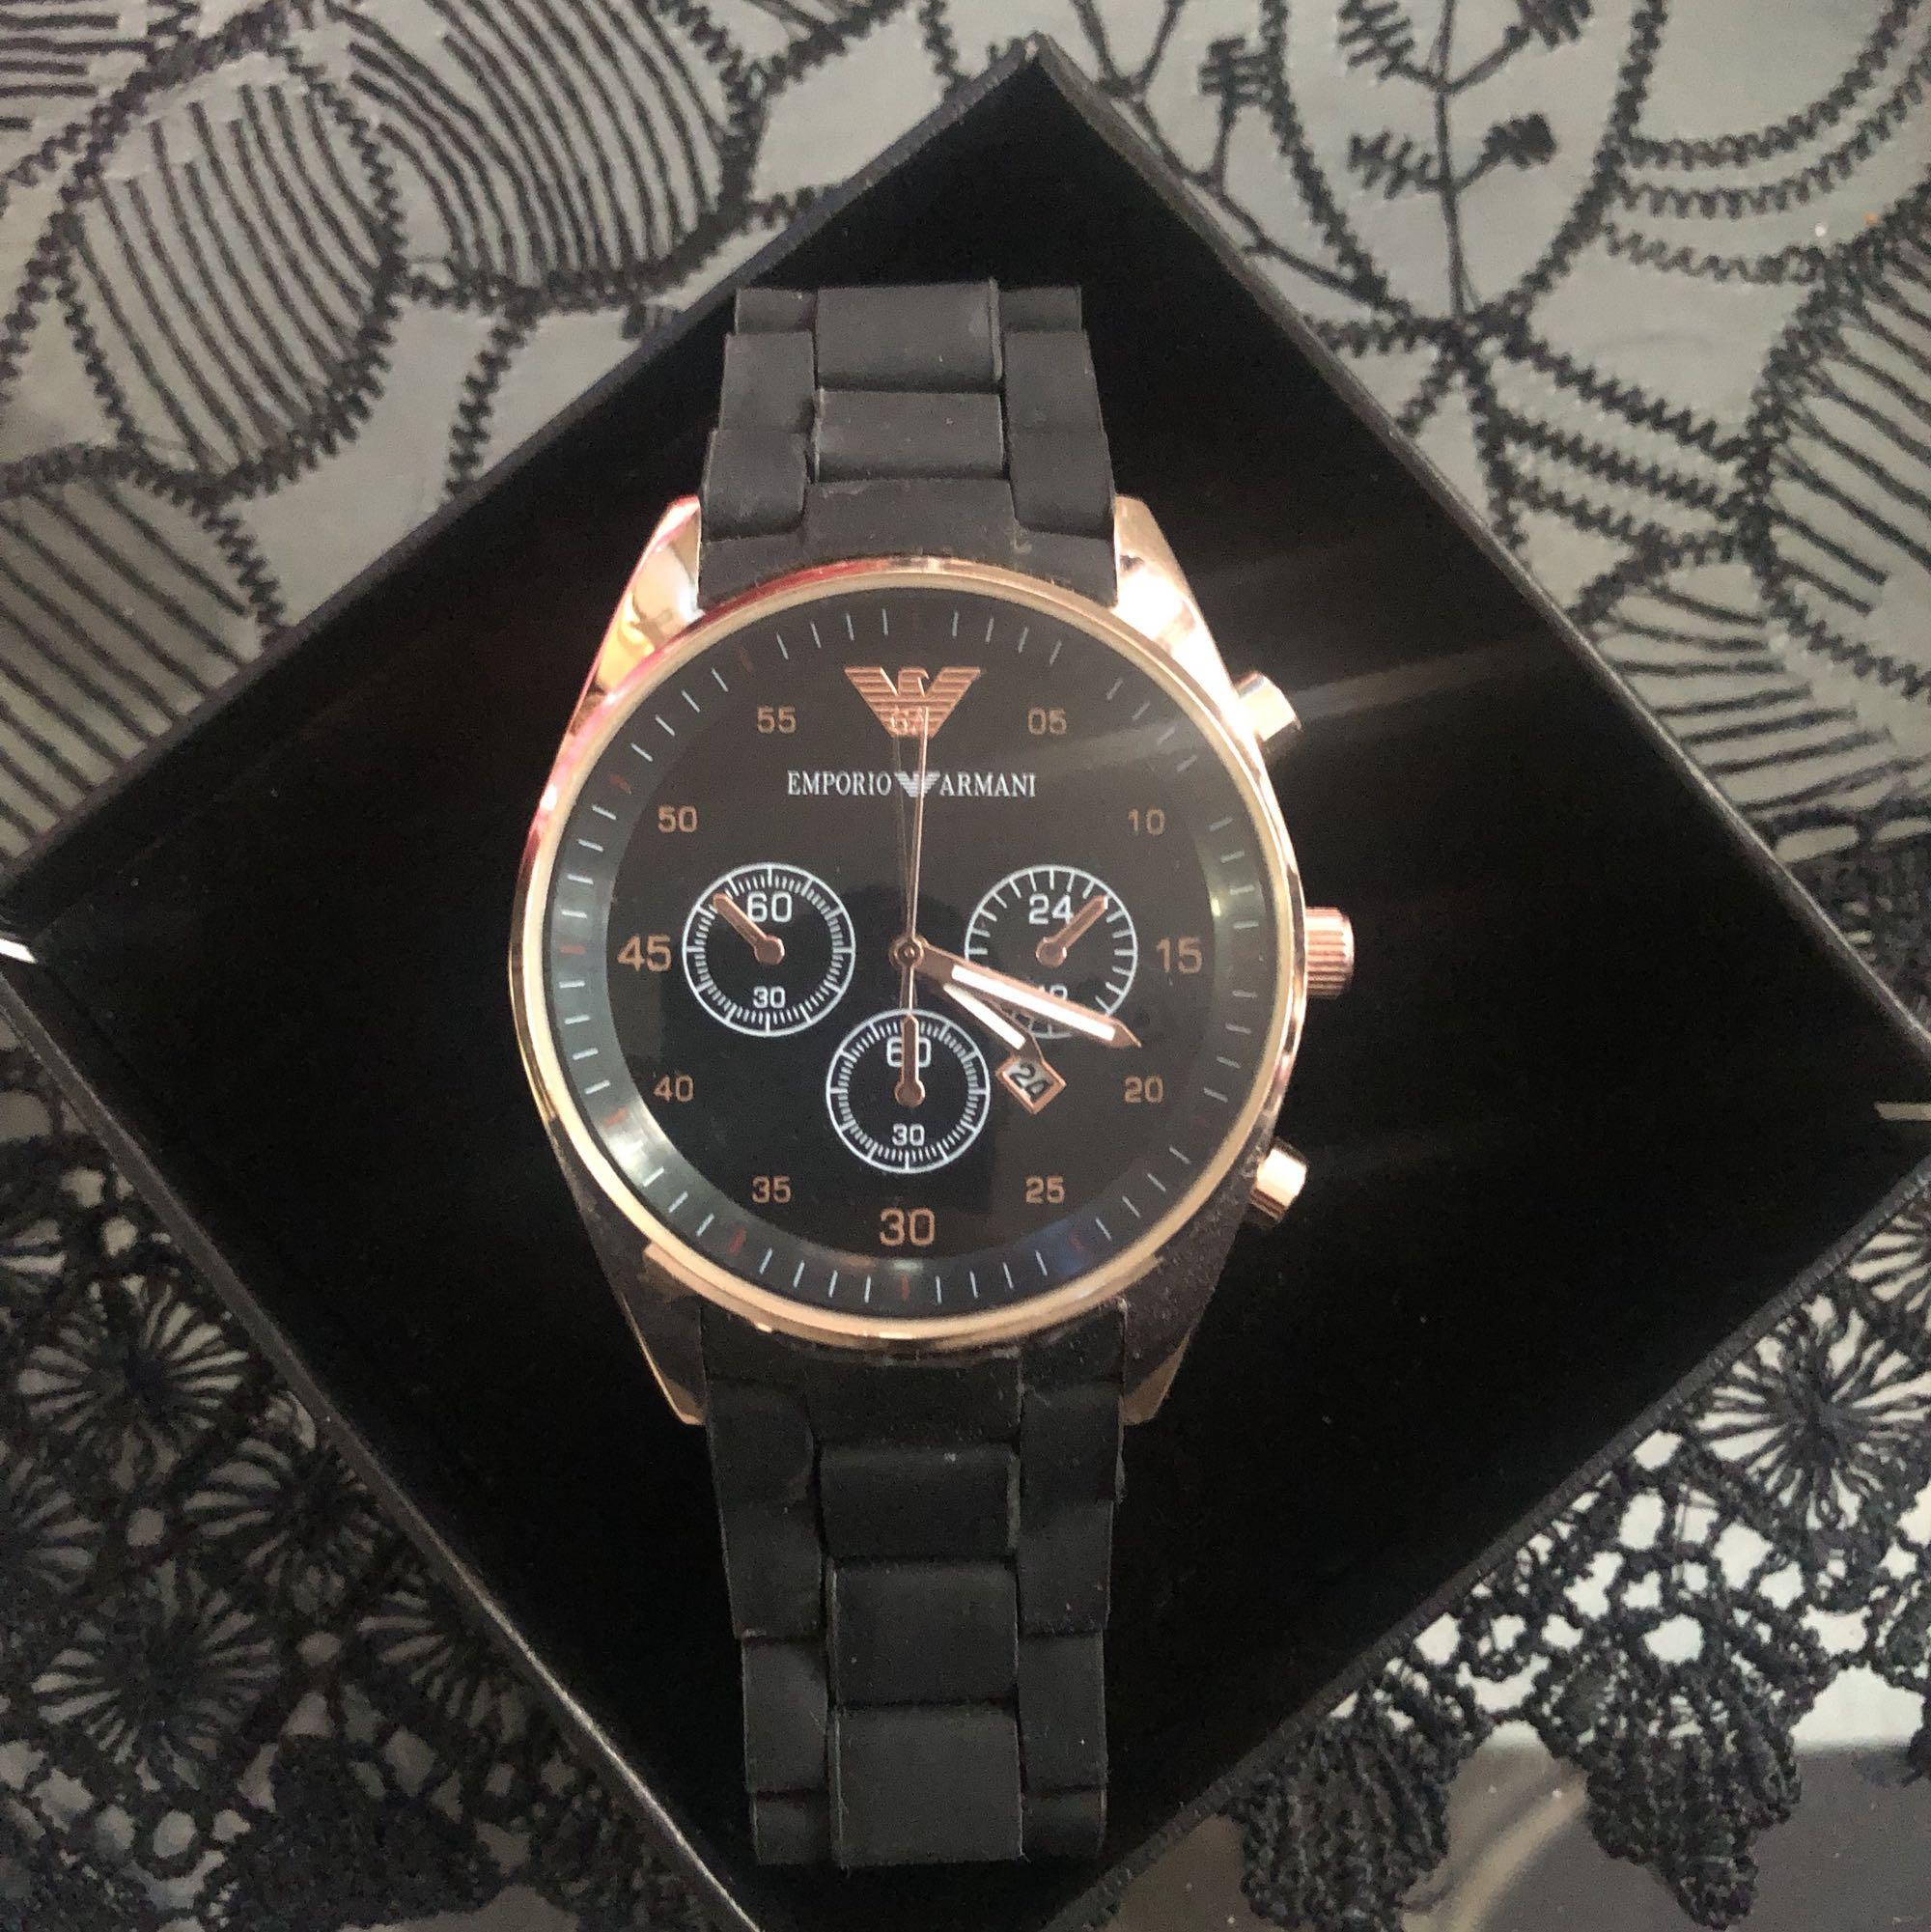 שעון-ארמני - יד 2